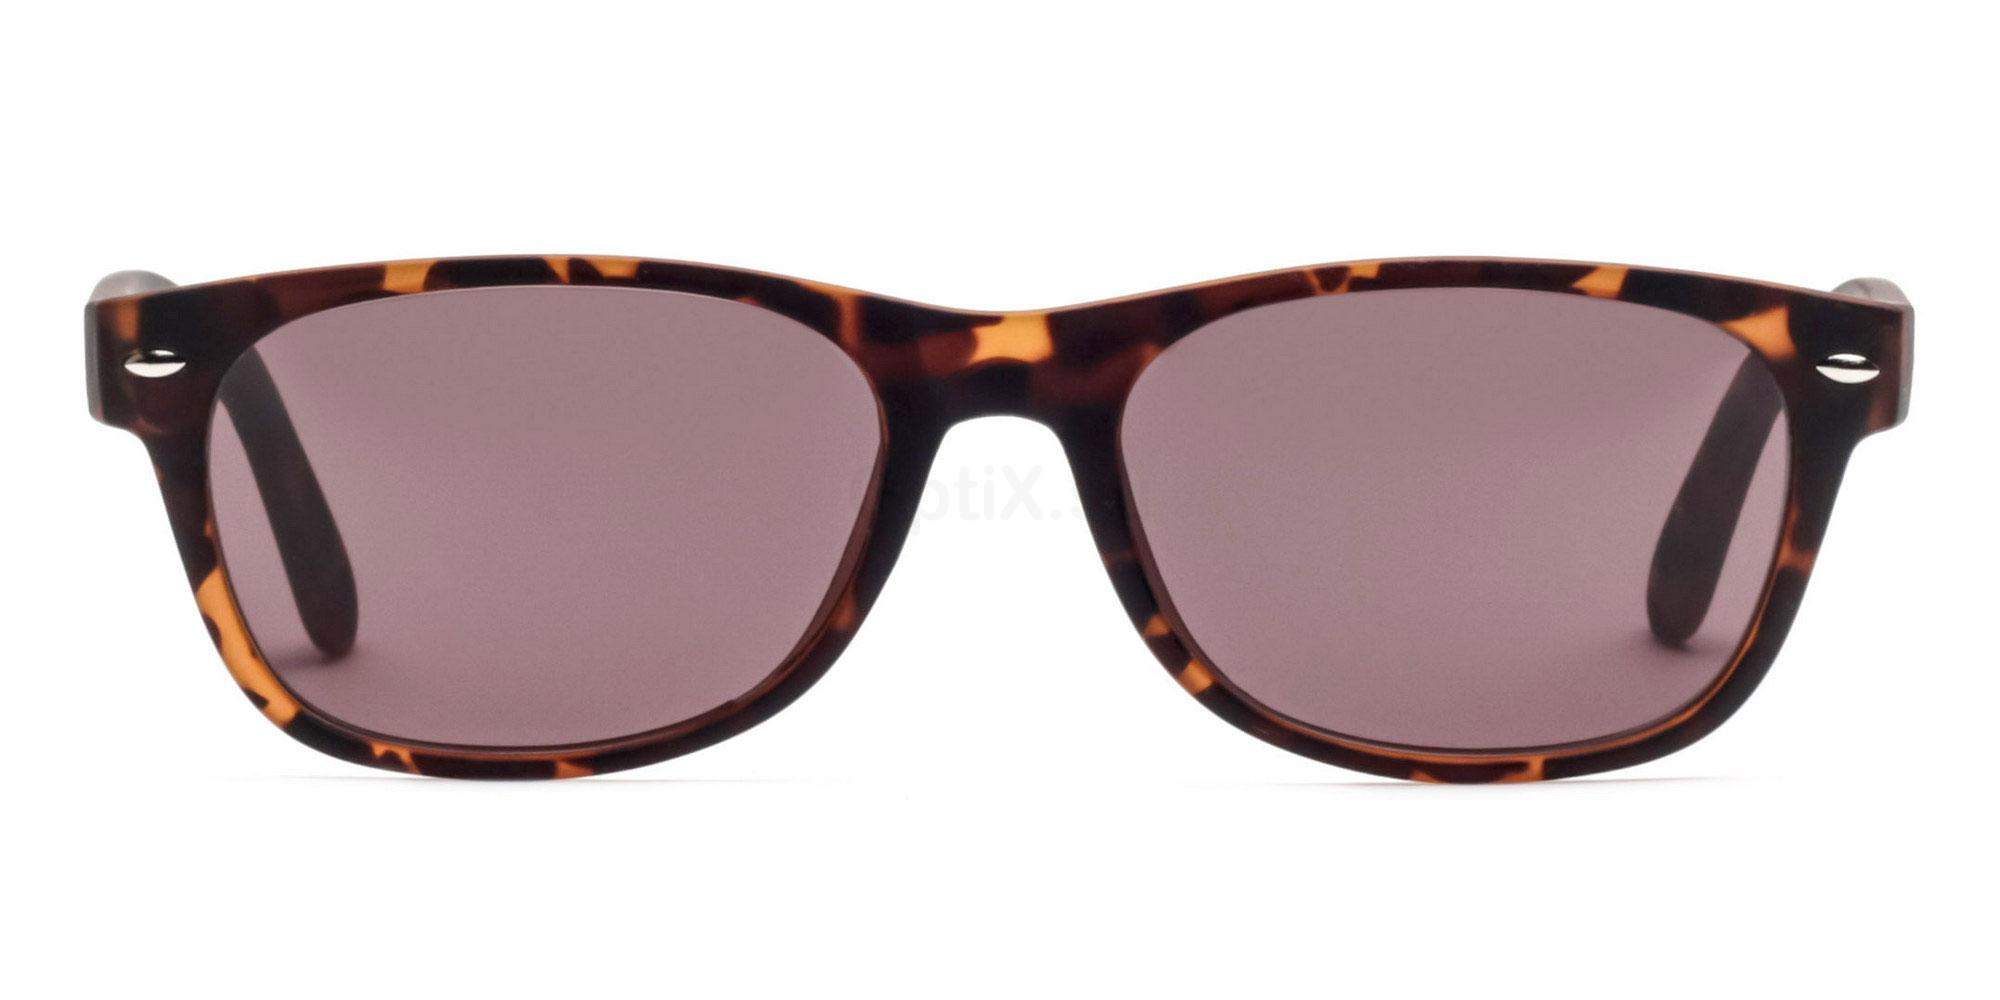 Tortoise S8122 - Tortoise (Sunglasses) , Savannah